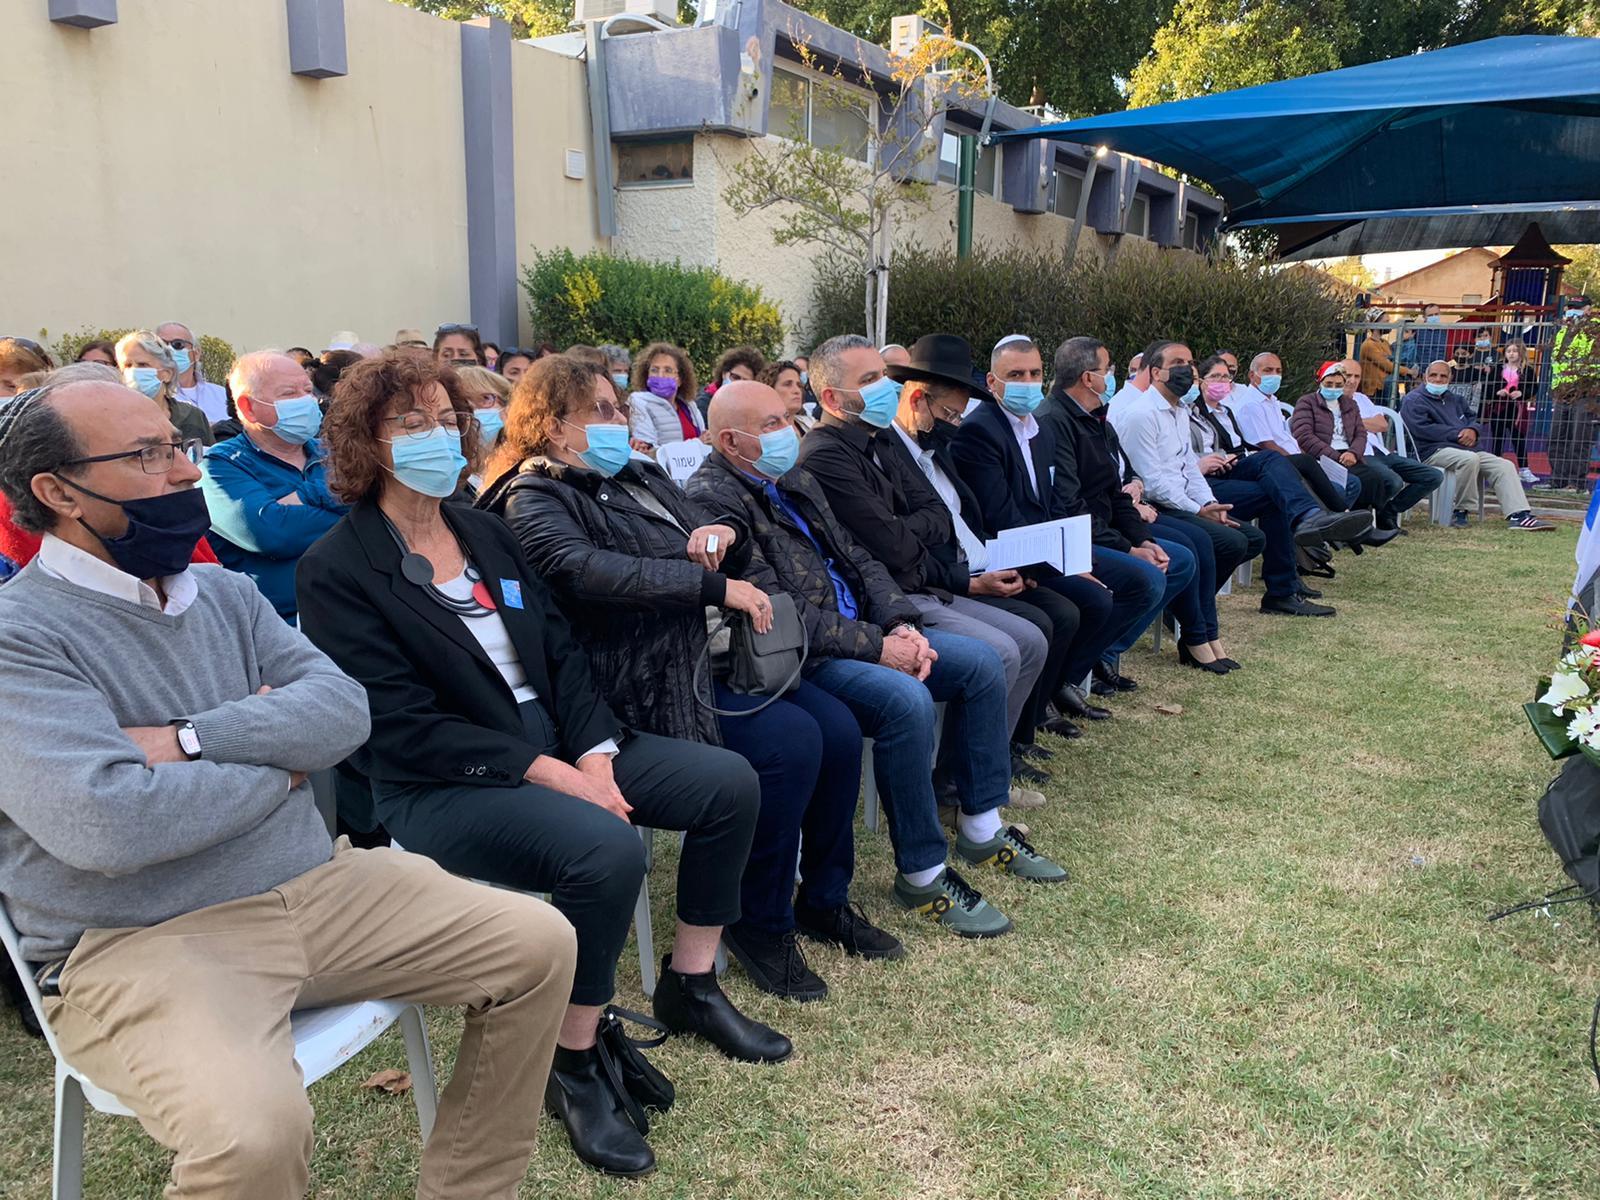 עשרות תושבות ותושבי שכונת עלייה לקחו חלק בטקס יום הזיכרון לחללי מערכות ישראל תושבי המקום